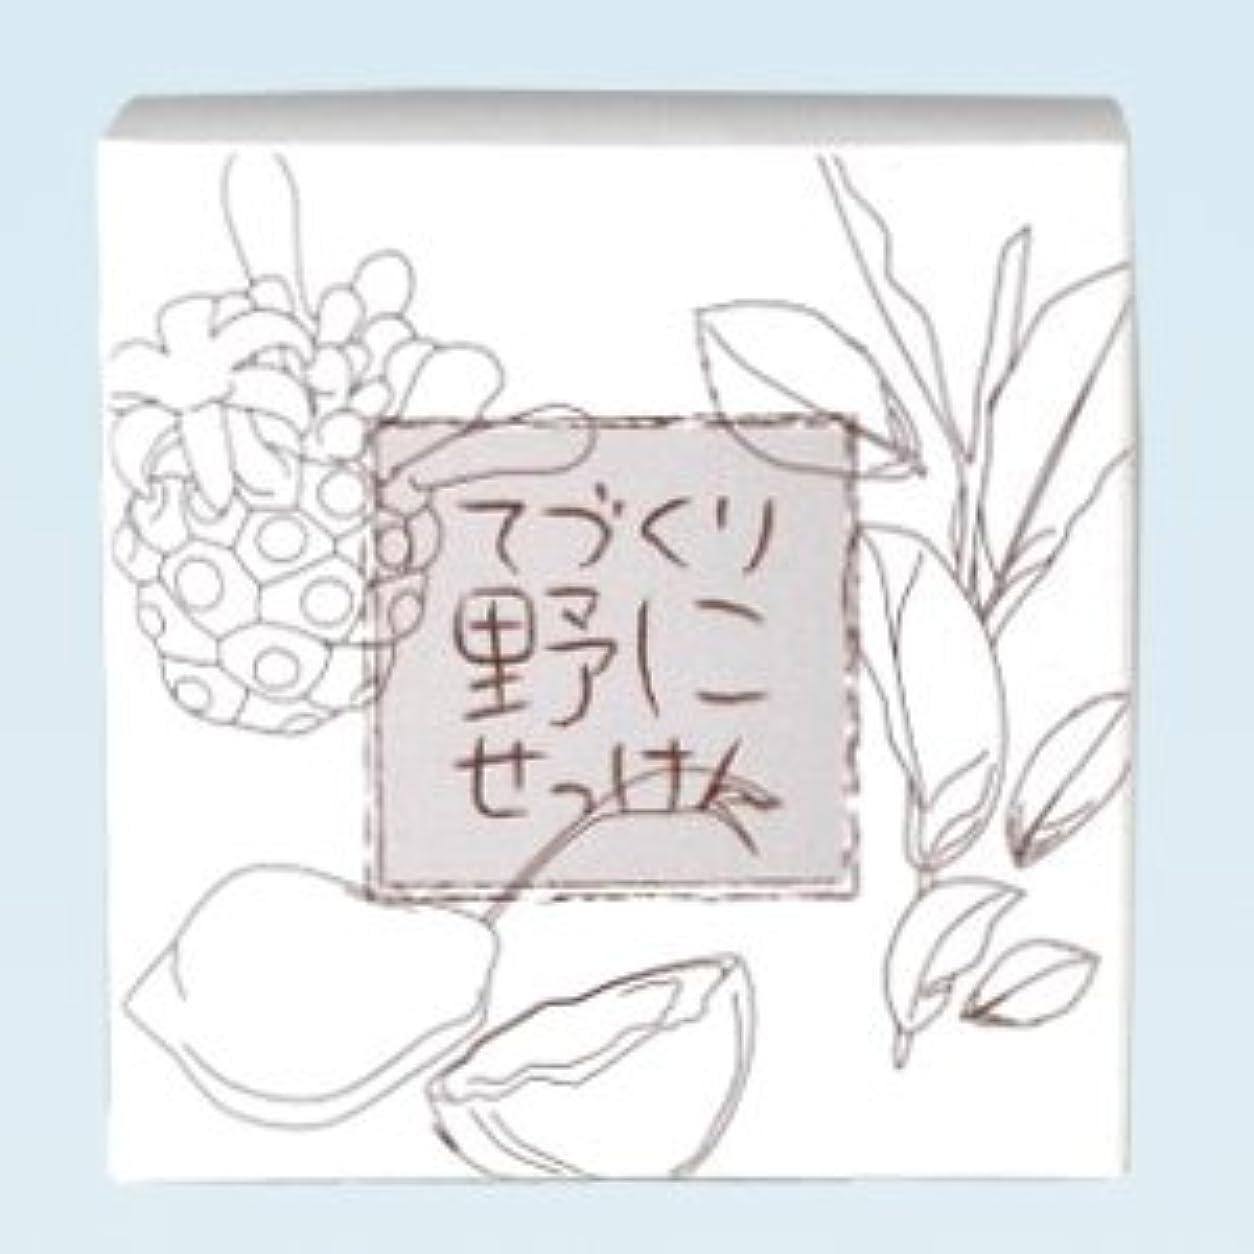 発信雄大な解明緑茶ノニ石鹸 てづくり野にせっけん(115g)